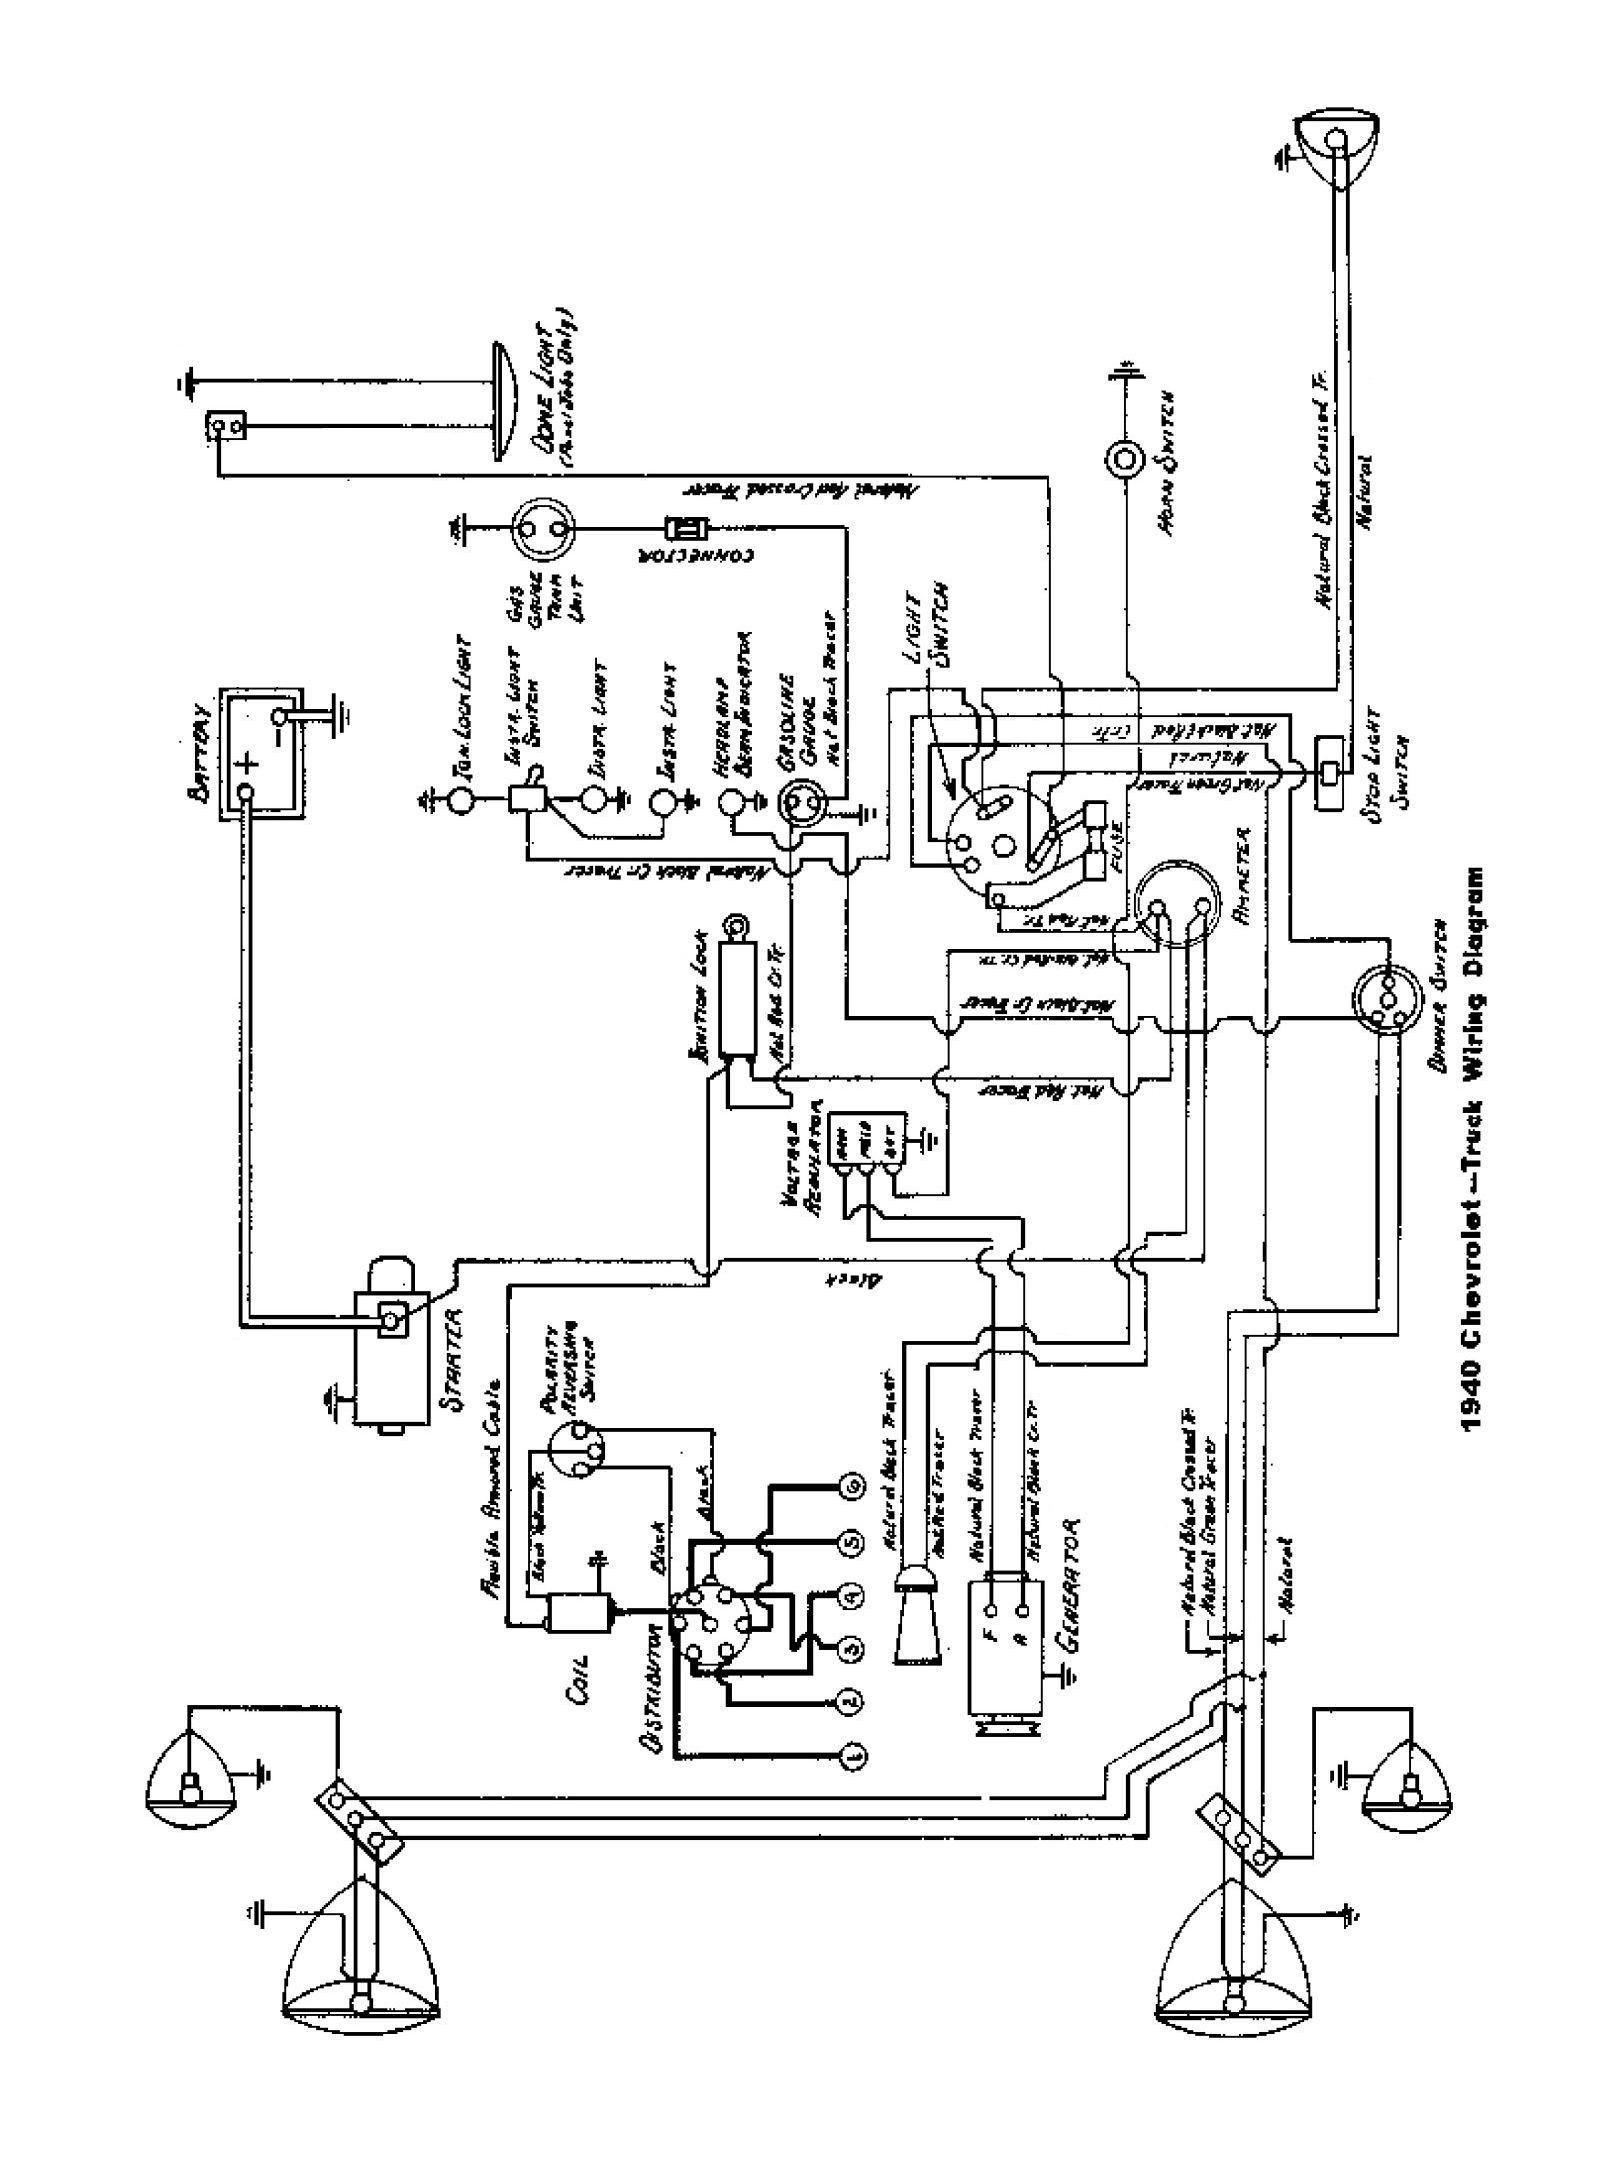 1976 Chevy Truck Wiring Diagram in 2021 | 57 chevy trucks, Chevy trucks, Electrical  diagram | Chevrolet Truck Wiring Diagram |  | Pinterest